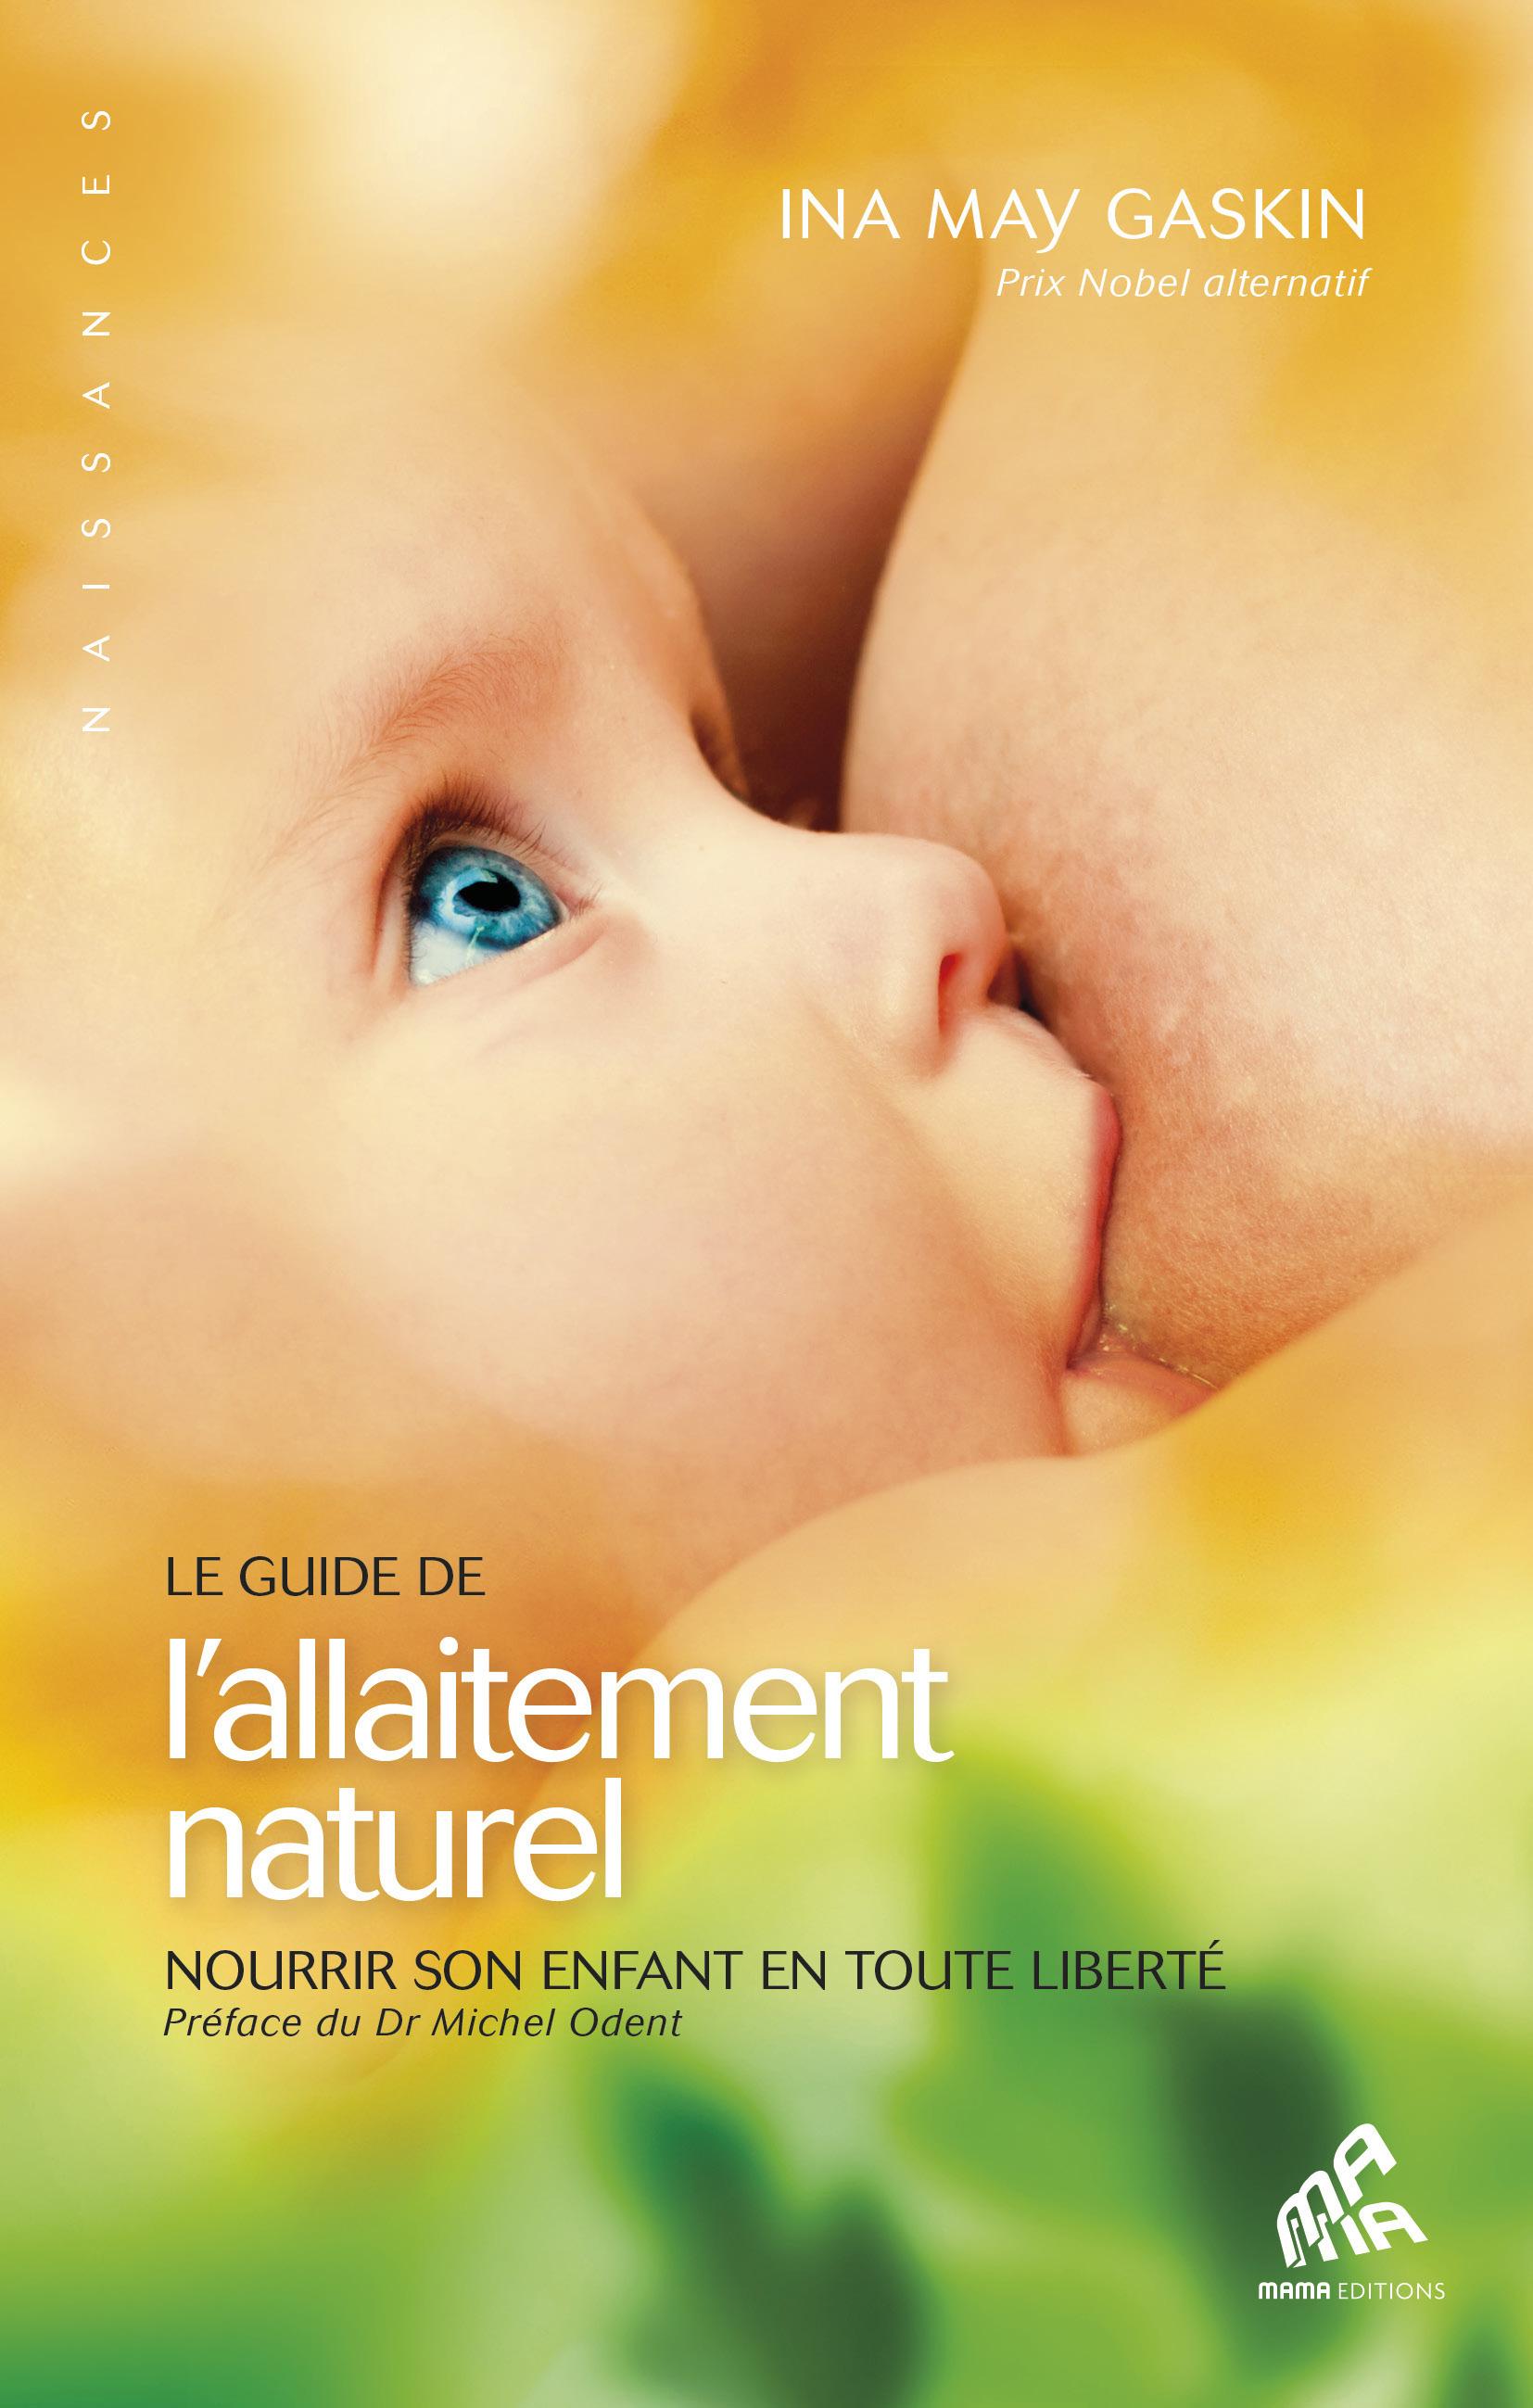 Le guide de l'allaitement naturel ; nourrir son enfant en toute liberté